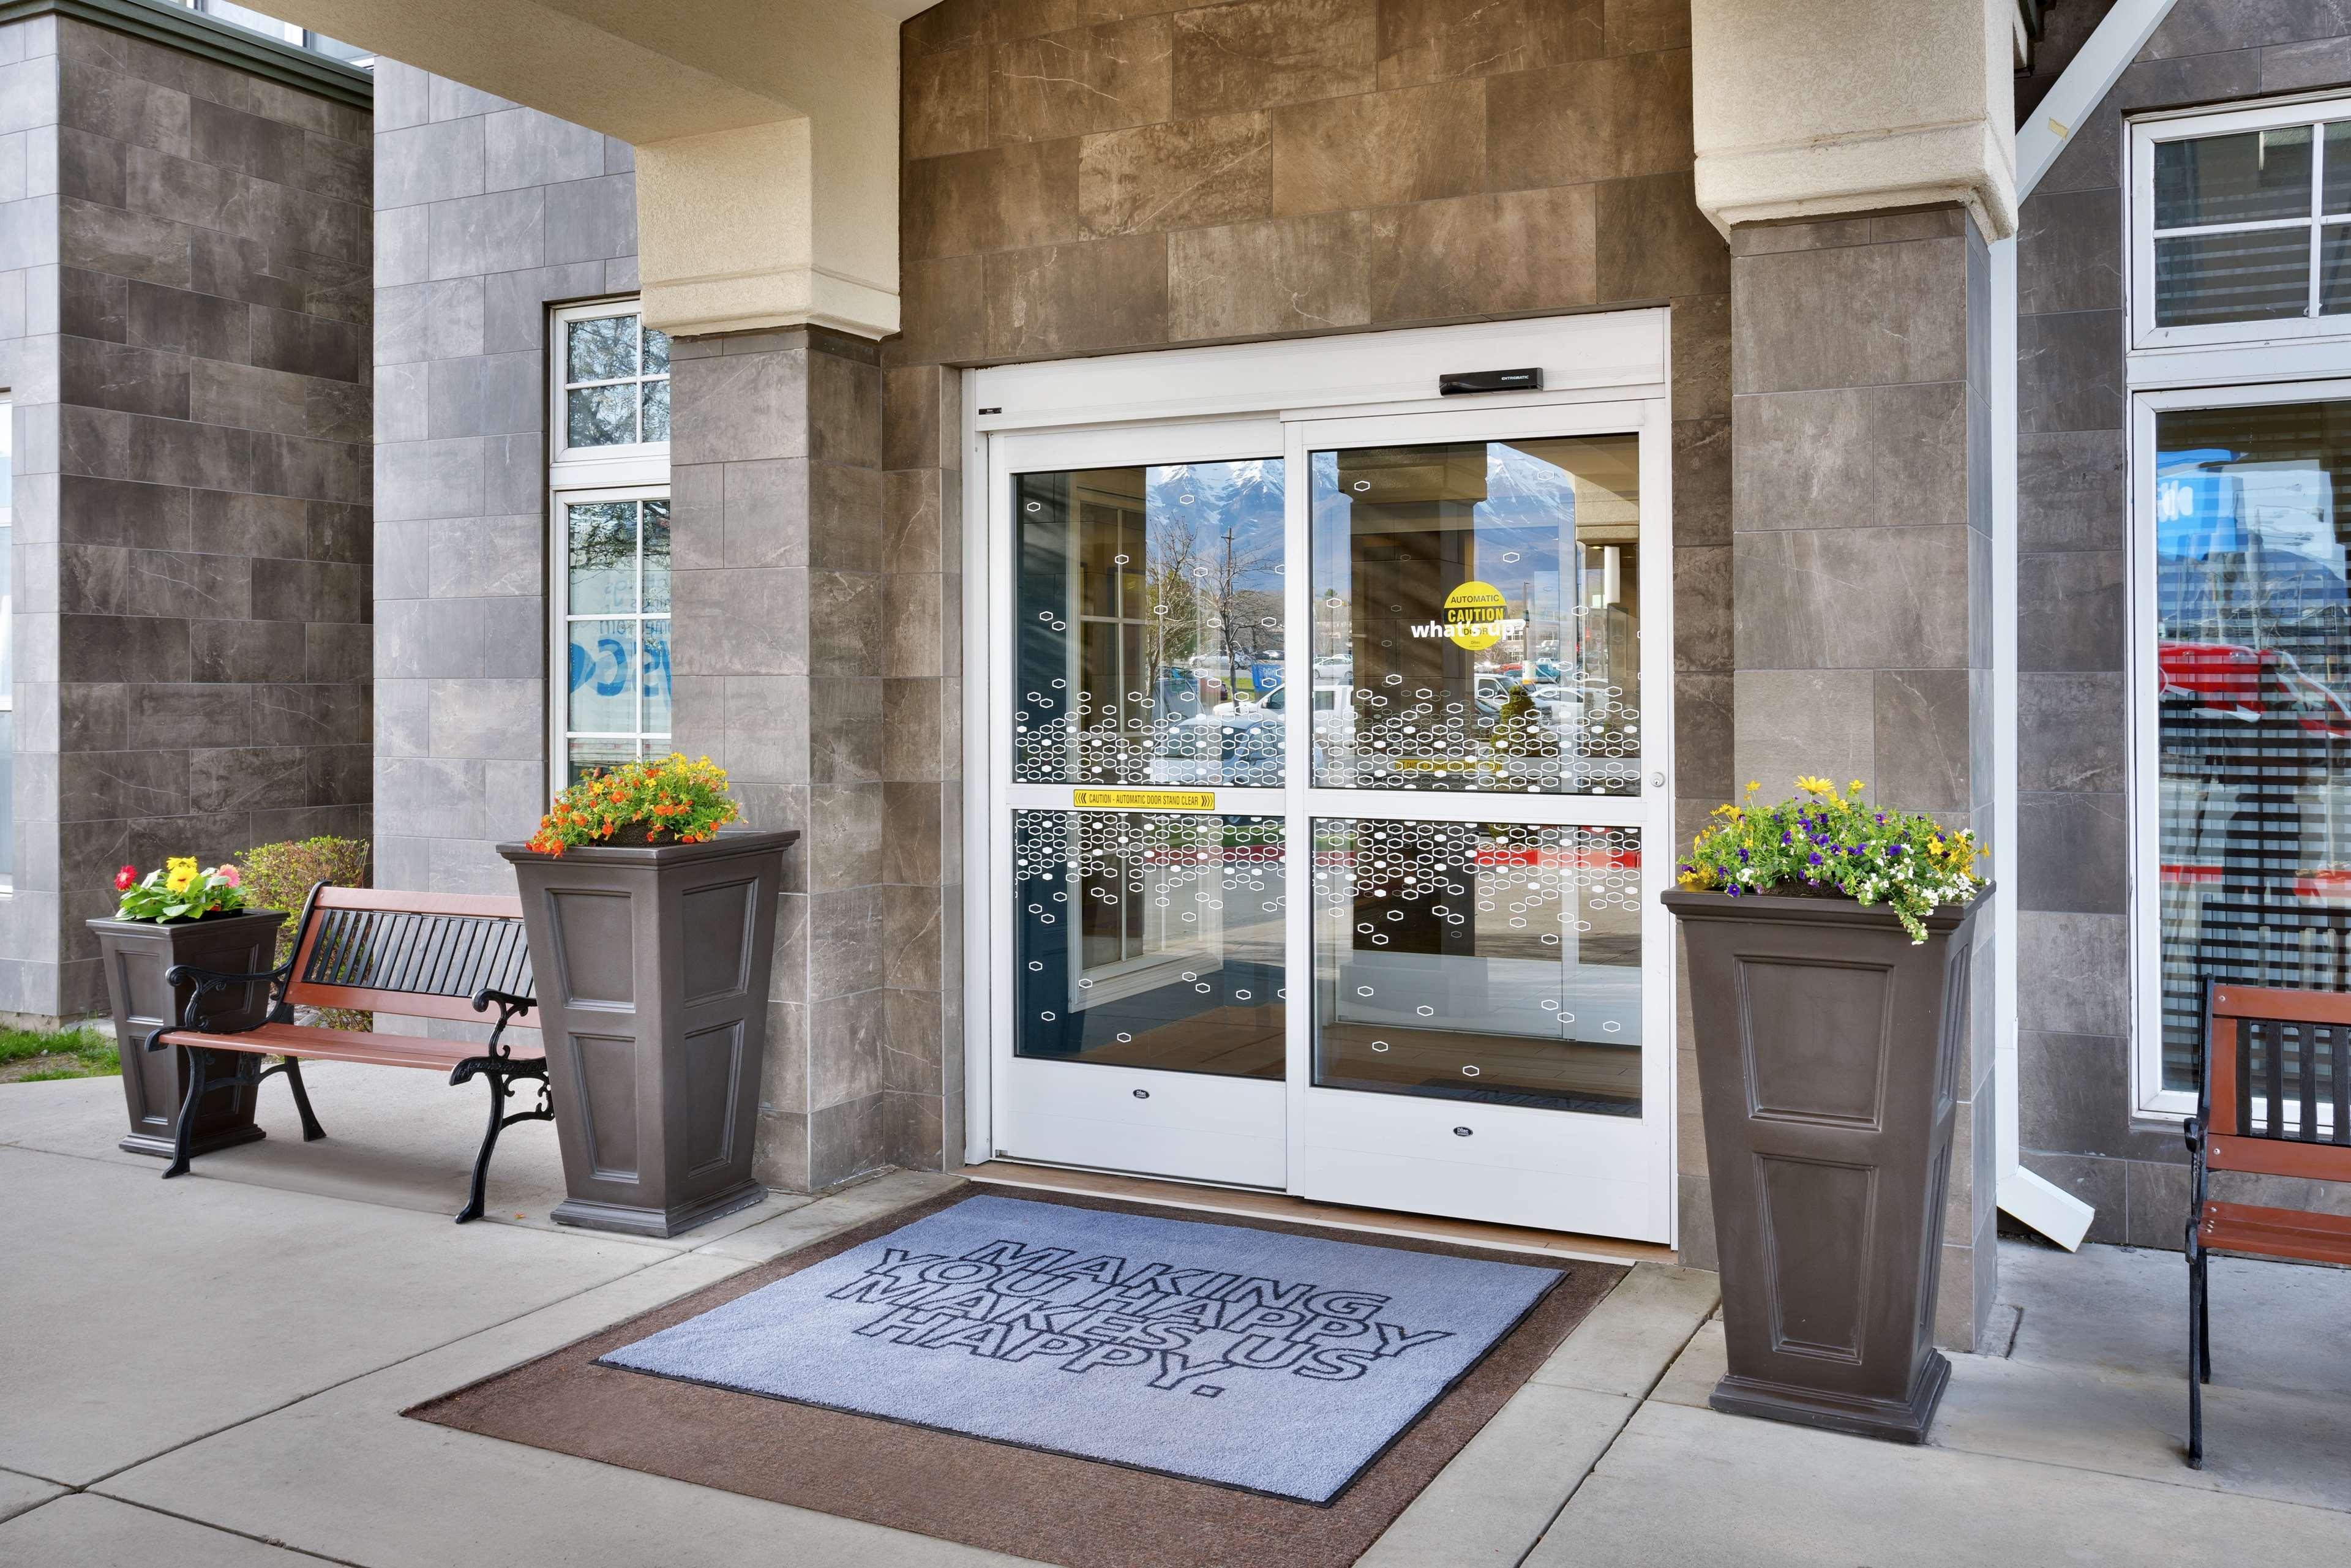 Hampton Inn & Suites Orem image 1